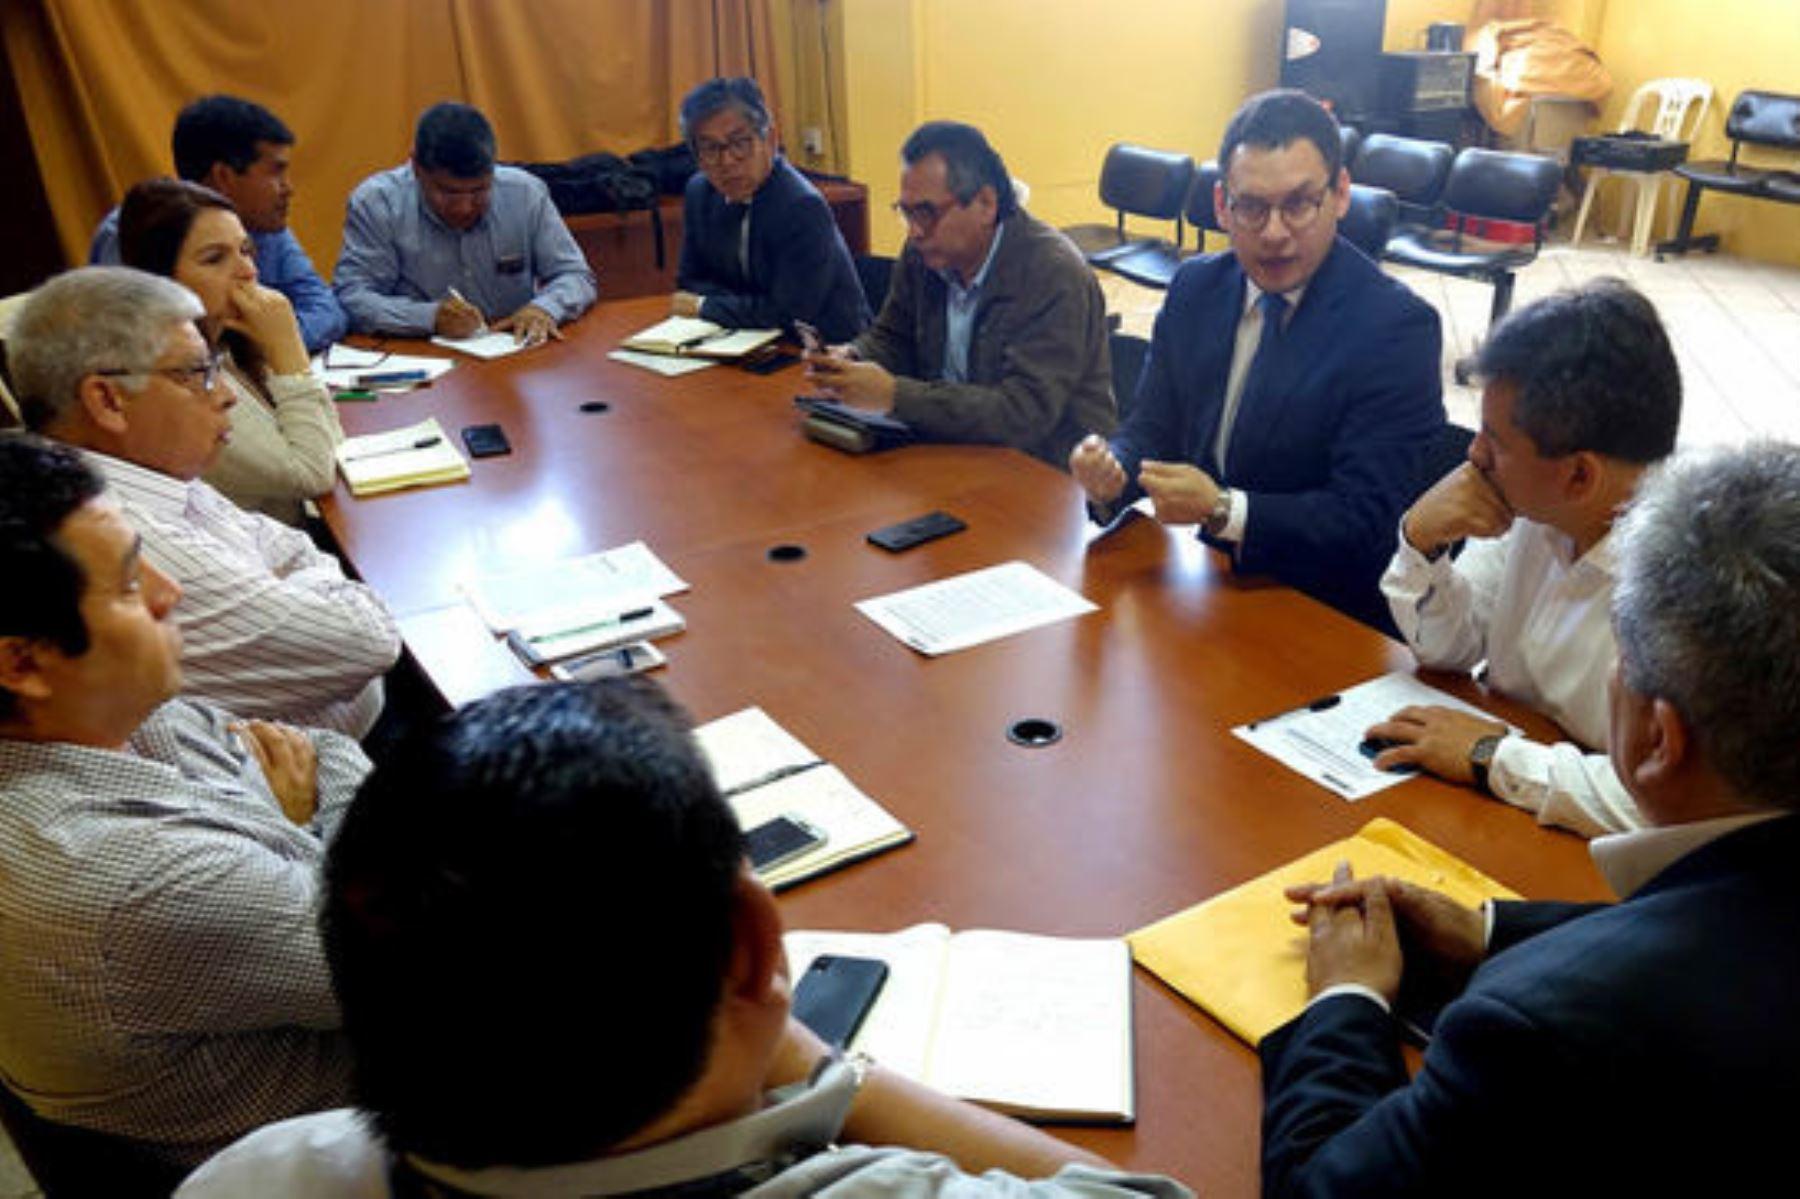 Conforman comisión técnica para plan de emergencia de Universidad Nacional de Ica - Radio Nacional del Perú